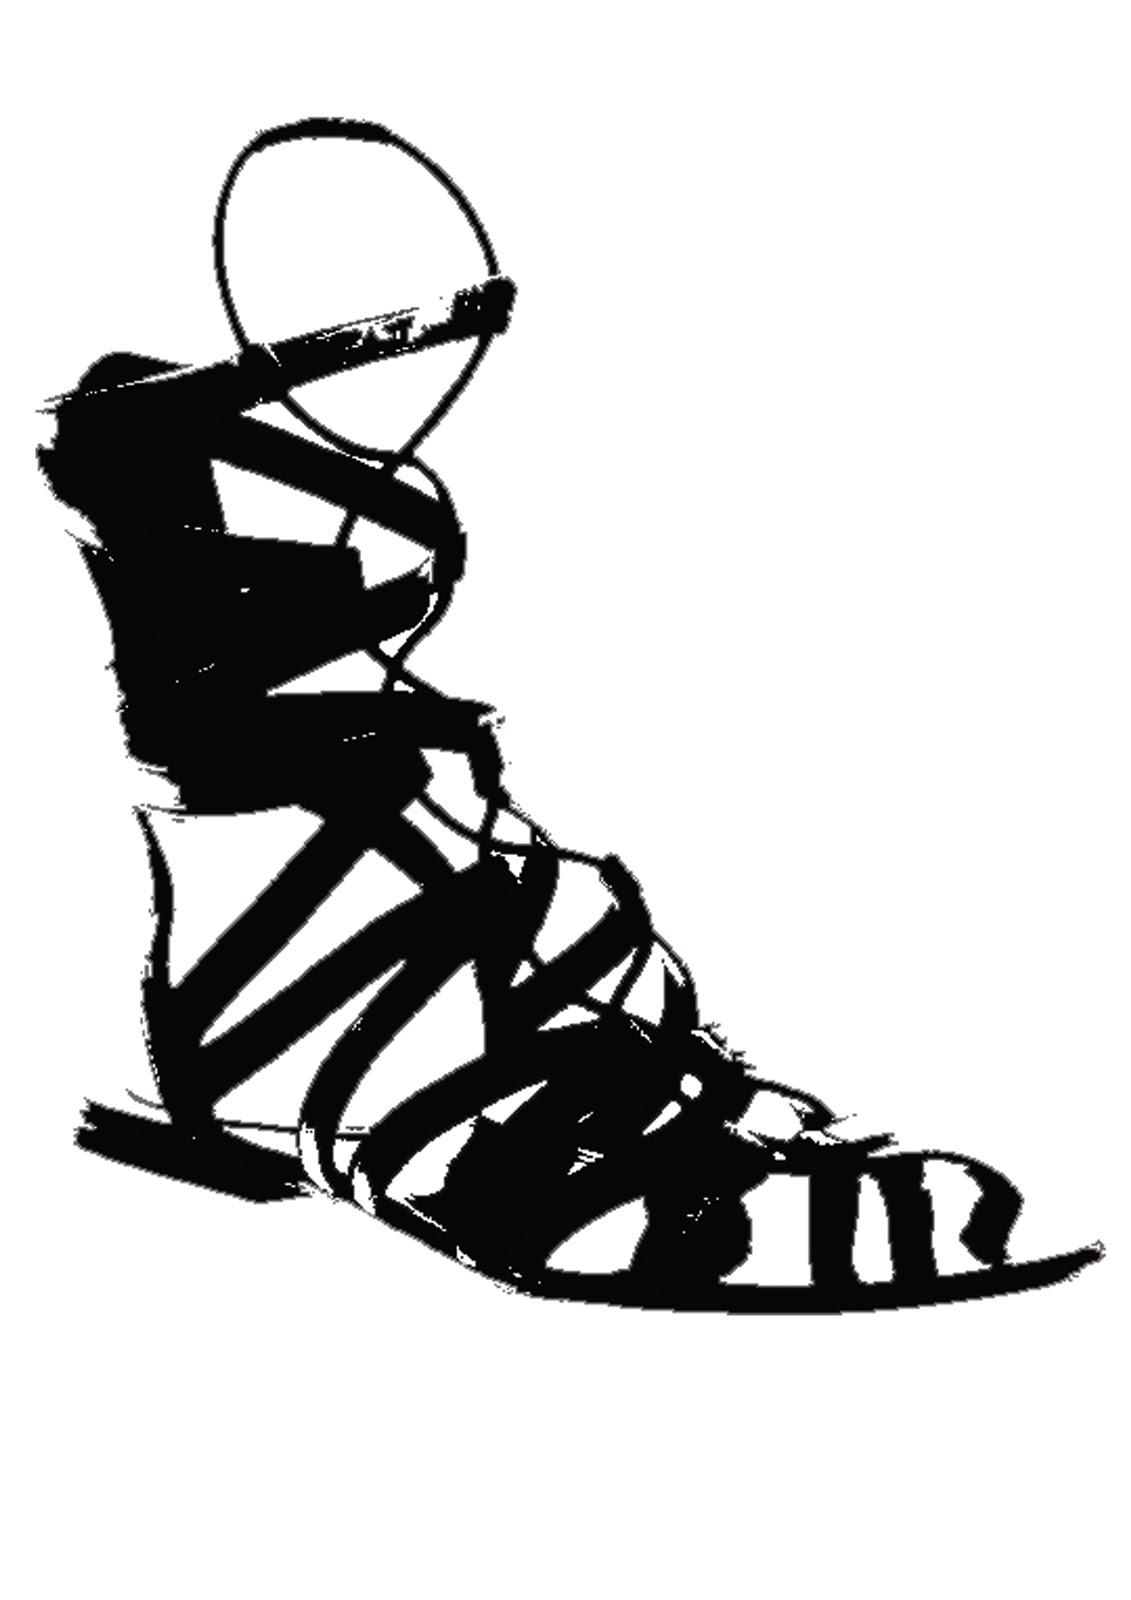 http://3.bp.blogspot.com/_PVcrX4iMe9I/S_rd3ZixEzI/AAAAAAAAANc/LqhrVJVUUd4/s1600/shoe.jpg